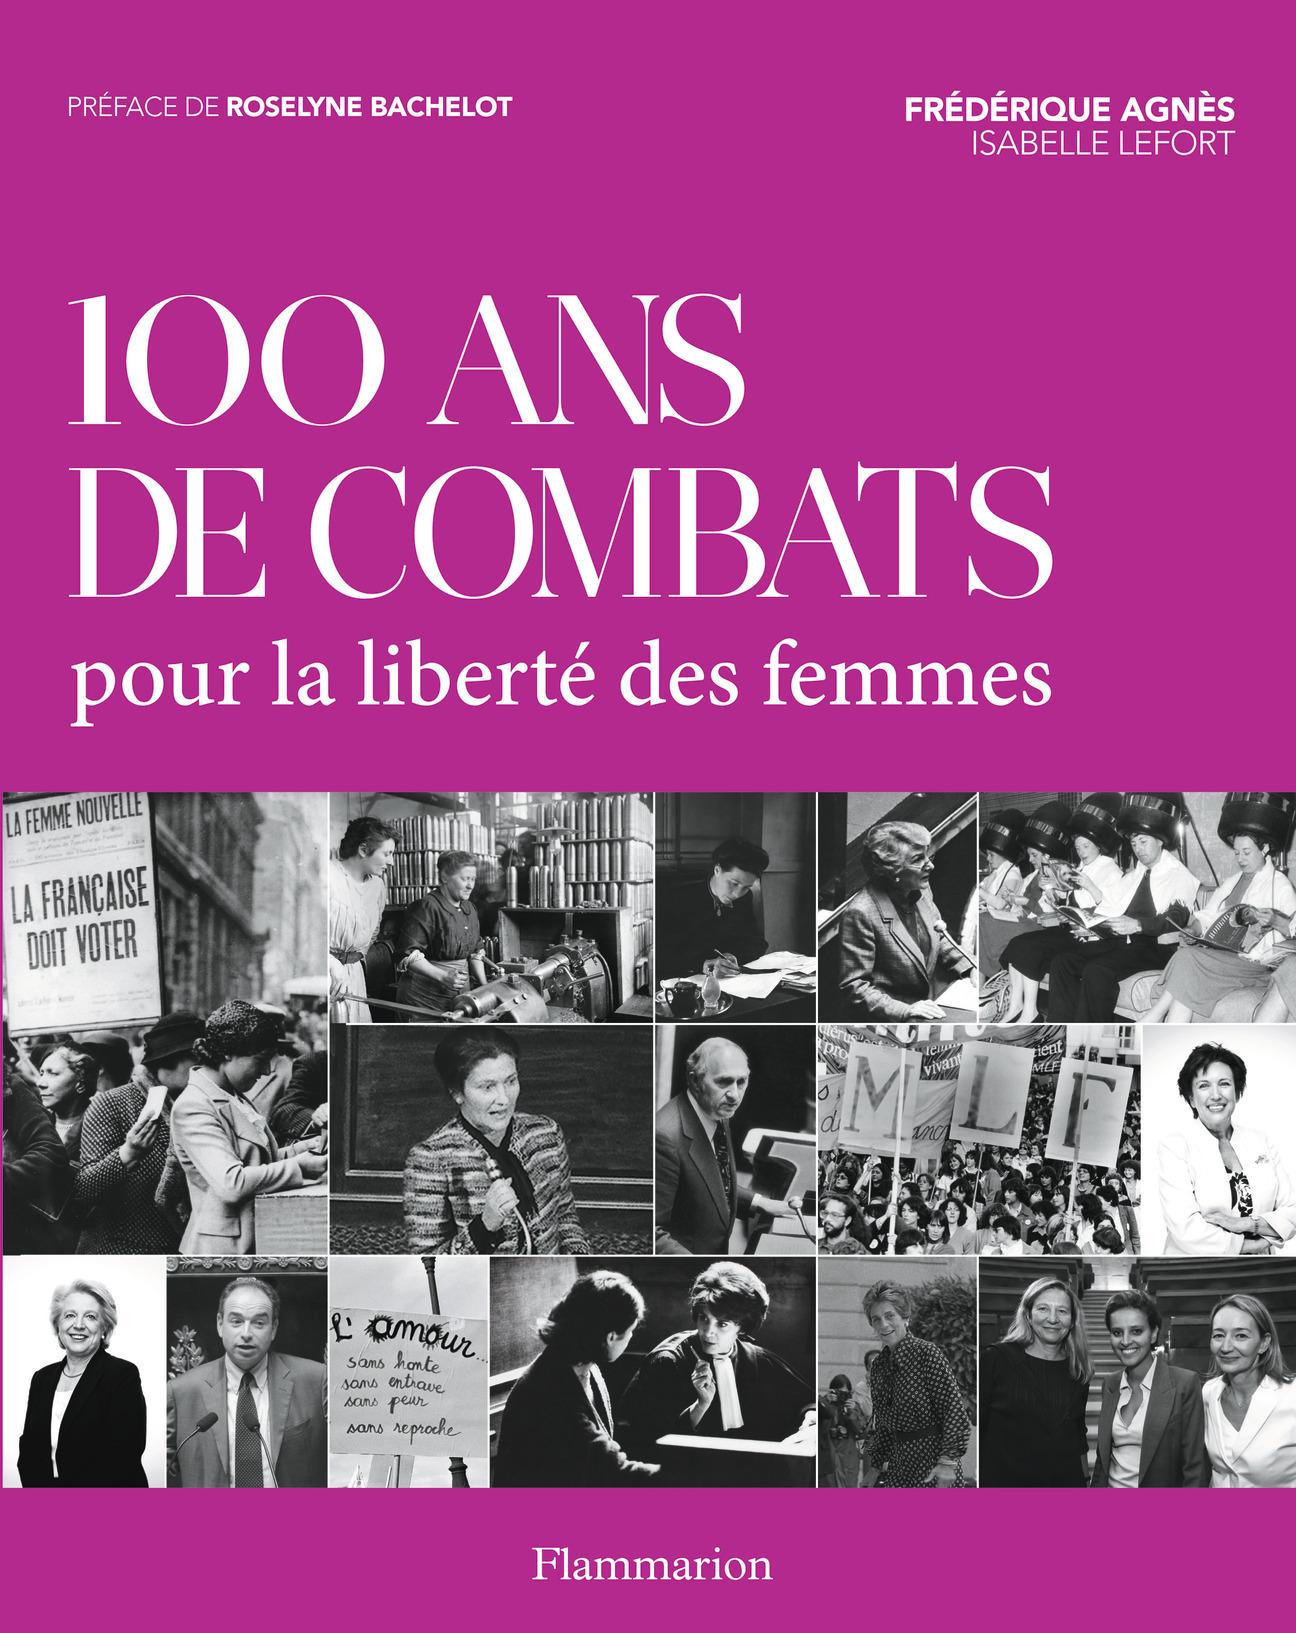 100 ANS DE COMBAT POUR LA LIBERTE DES FEMMES